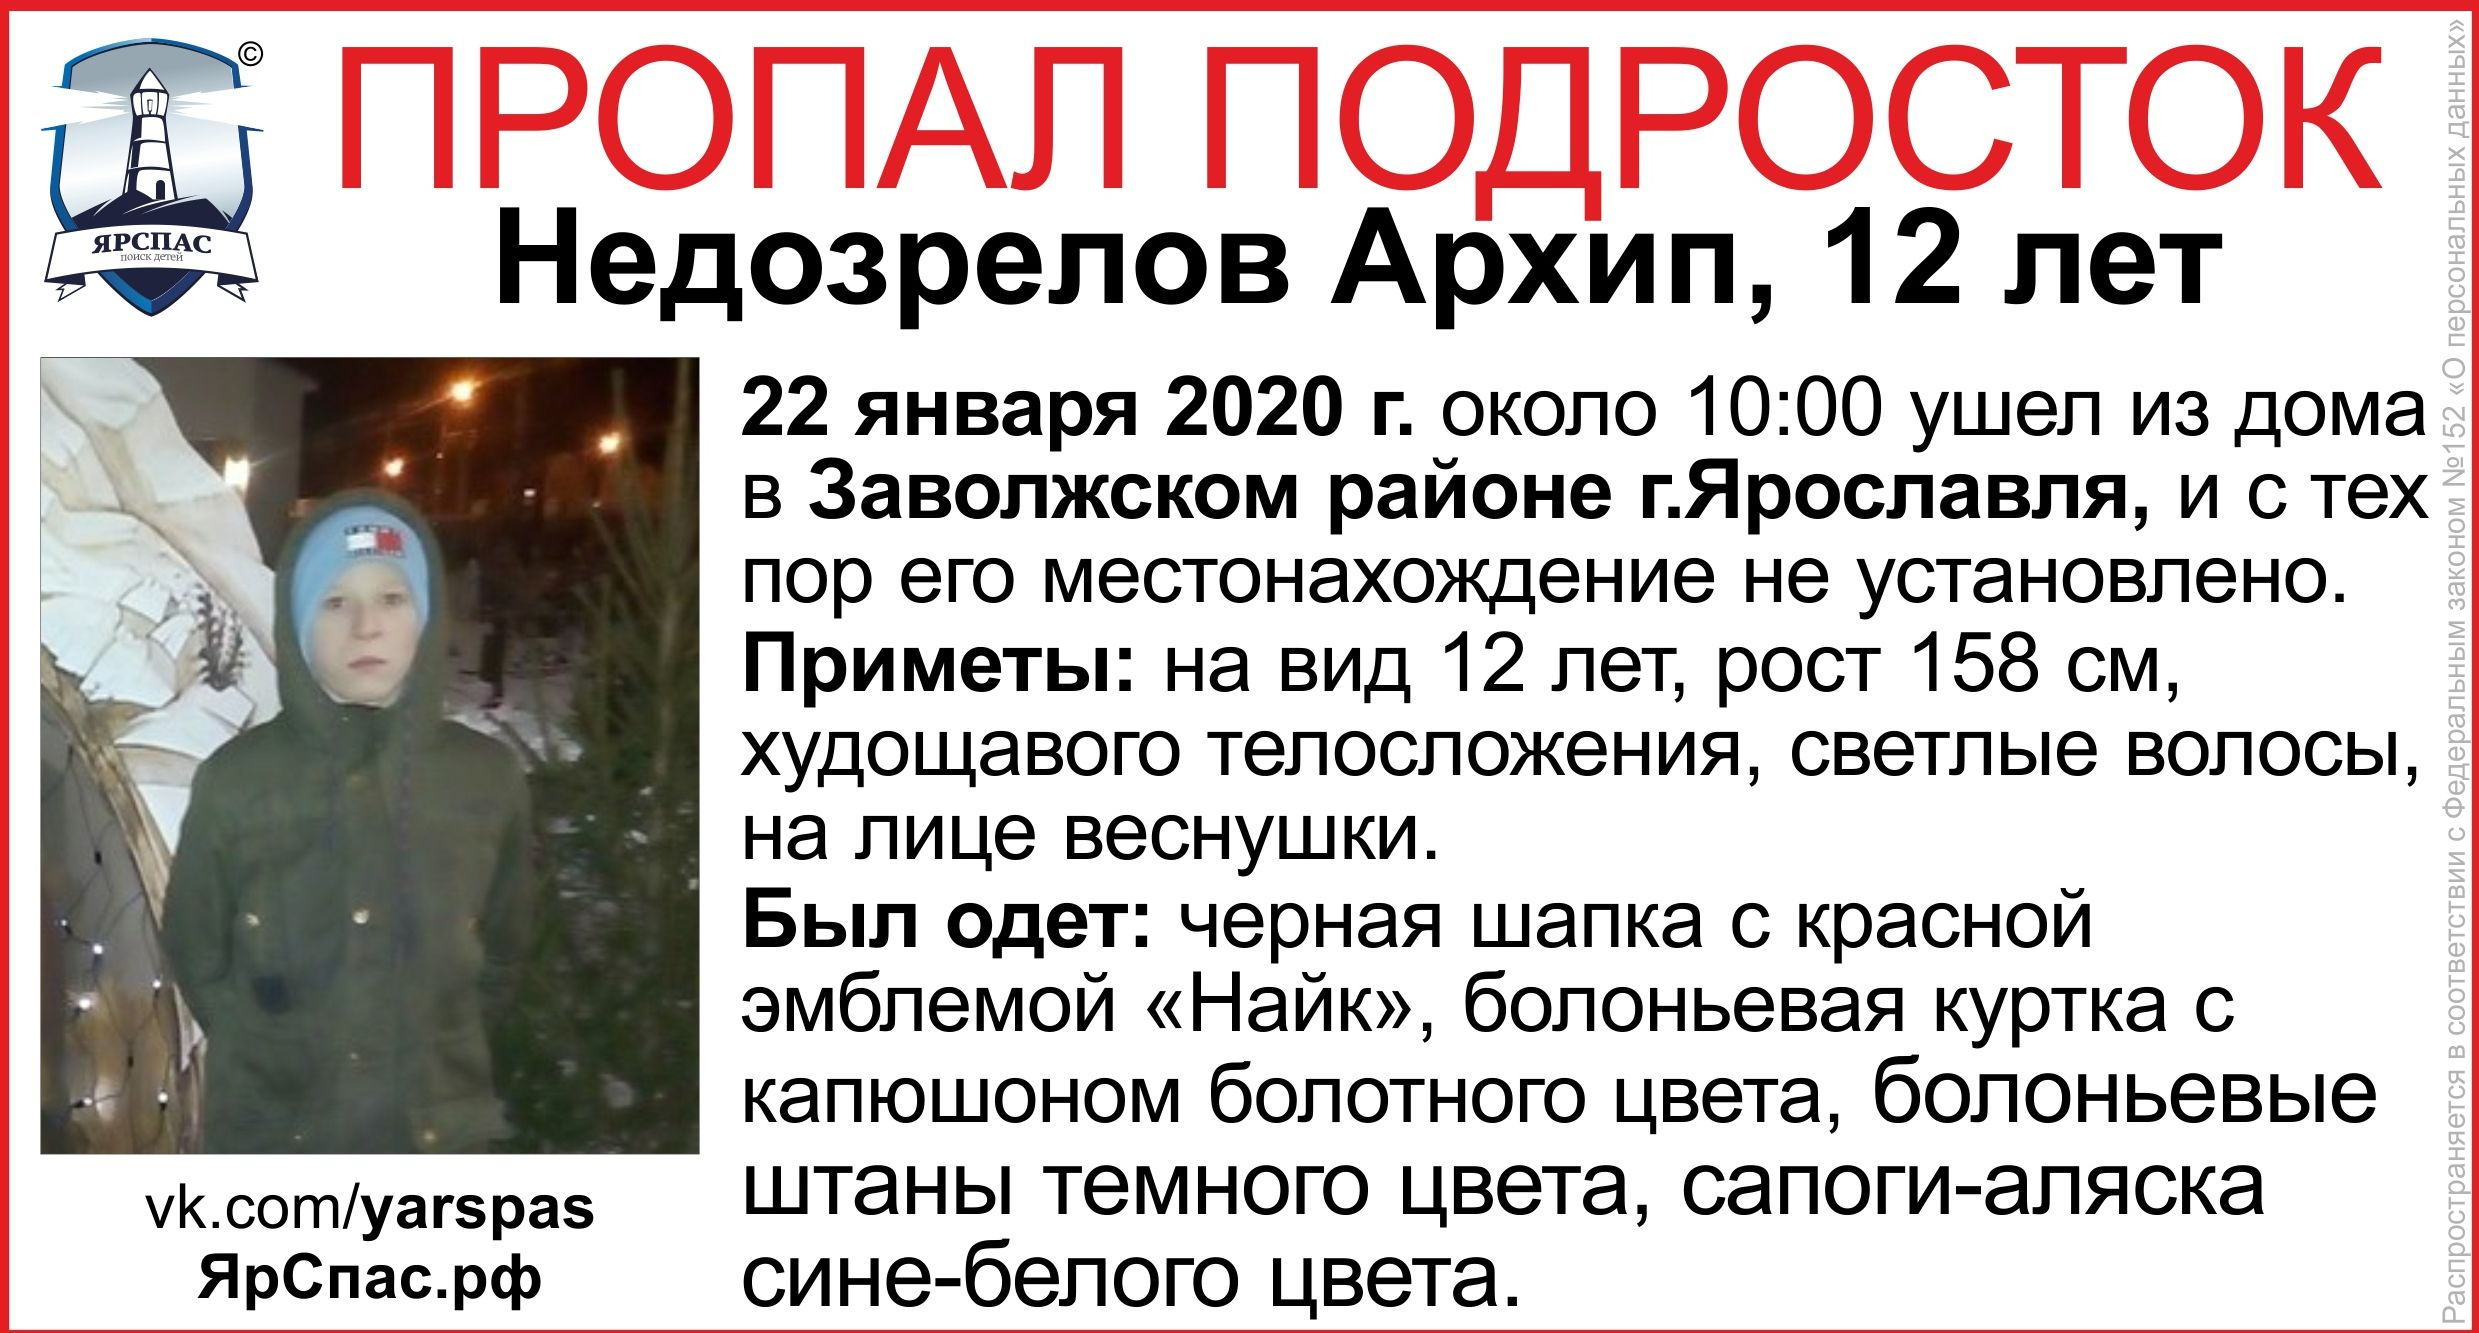 В Заволжском районе Ярославля пропал 12-летний мальчик